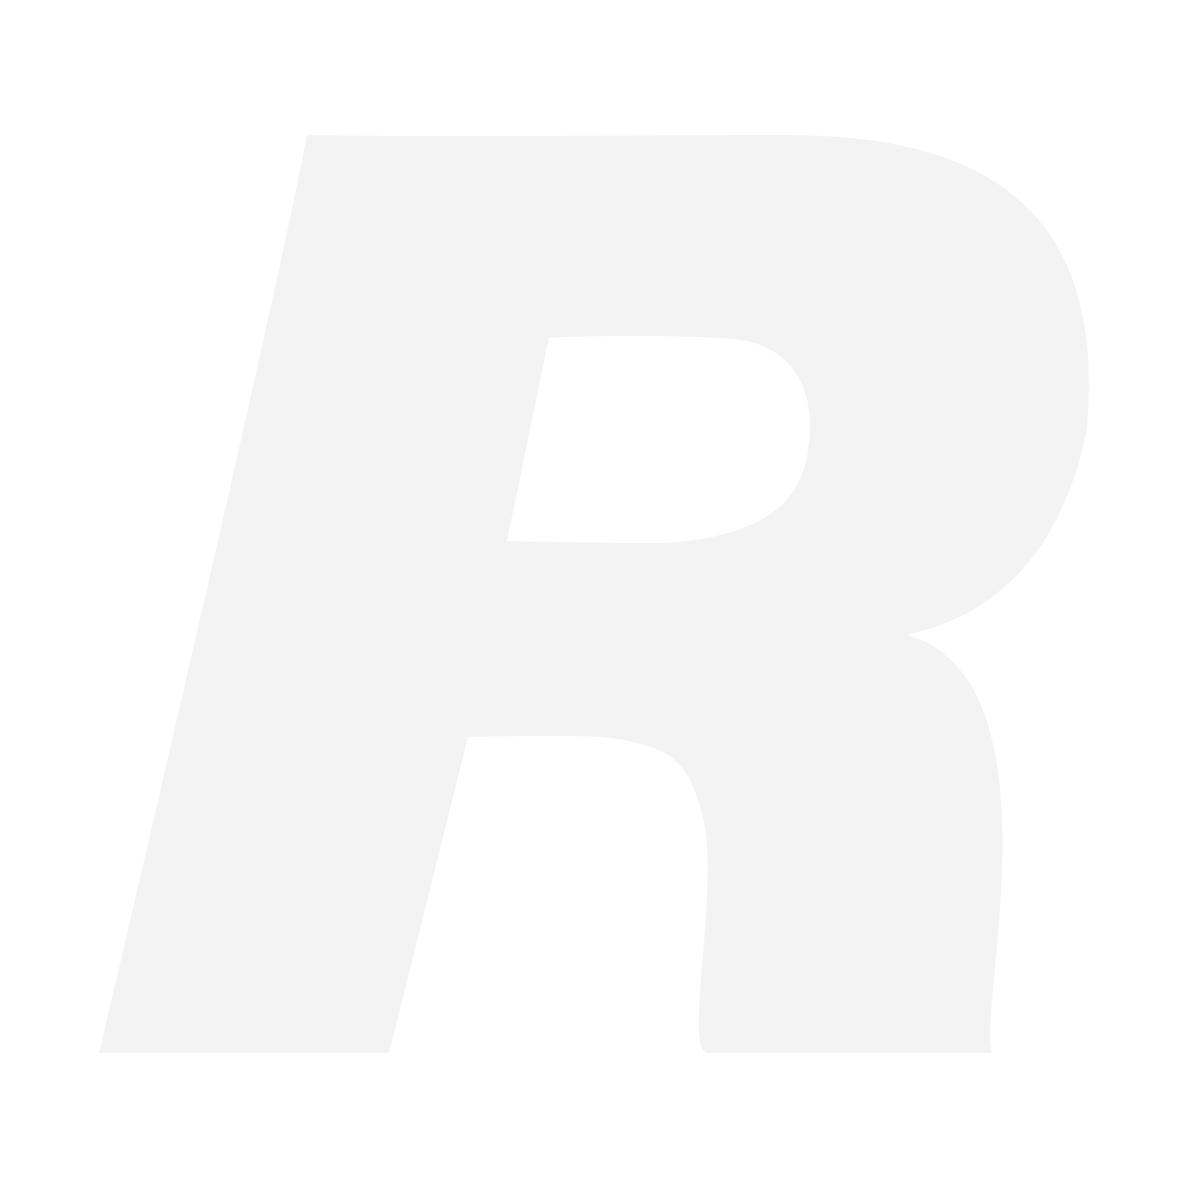 26147 ELINCHROM Maxi Lite Reflector 43° 40 cm